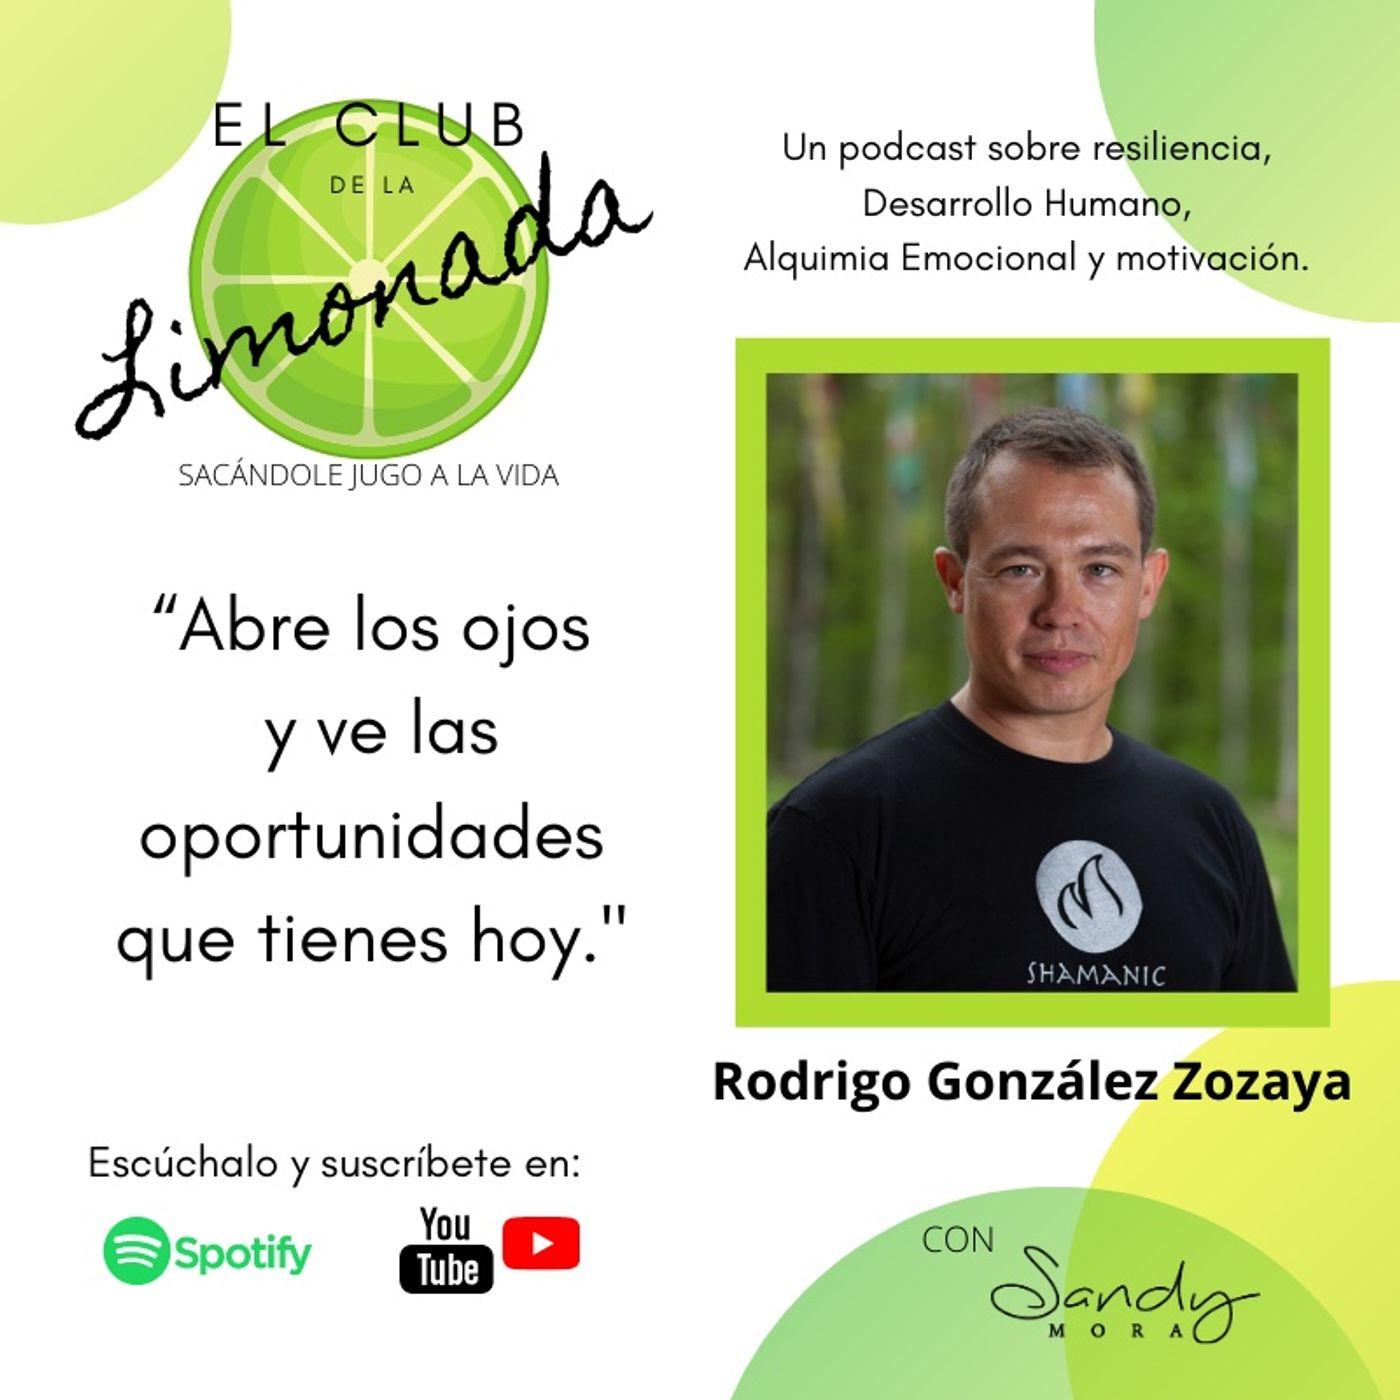 Episodio 41: Rodrigo Gonzalez Zozaya, bailar las emociones para ser más resilientes.